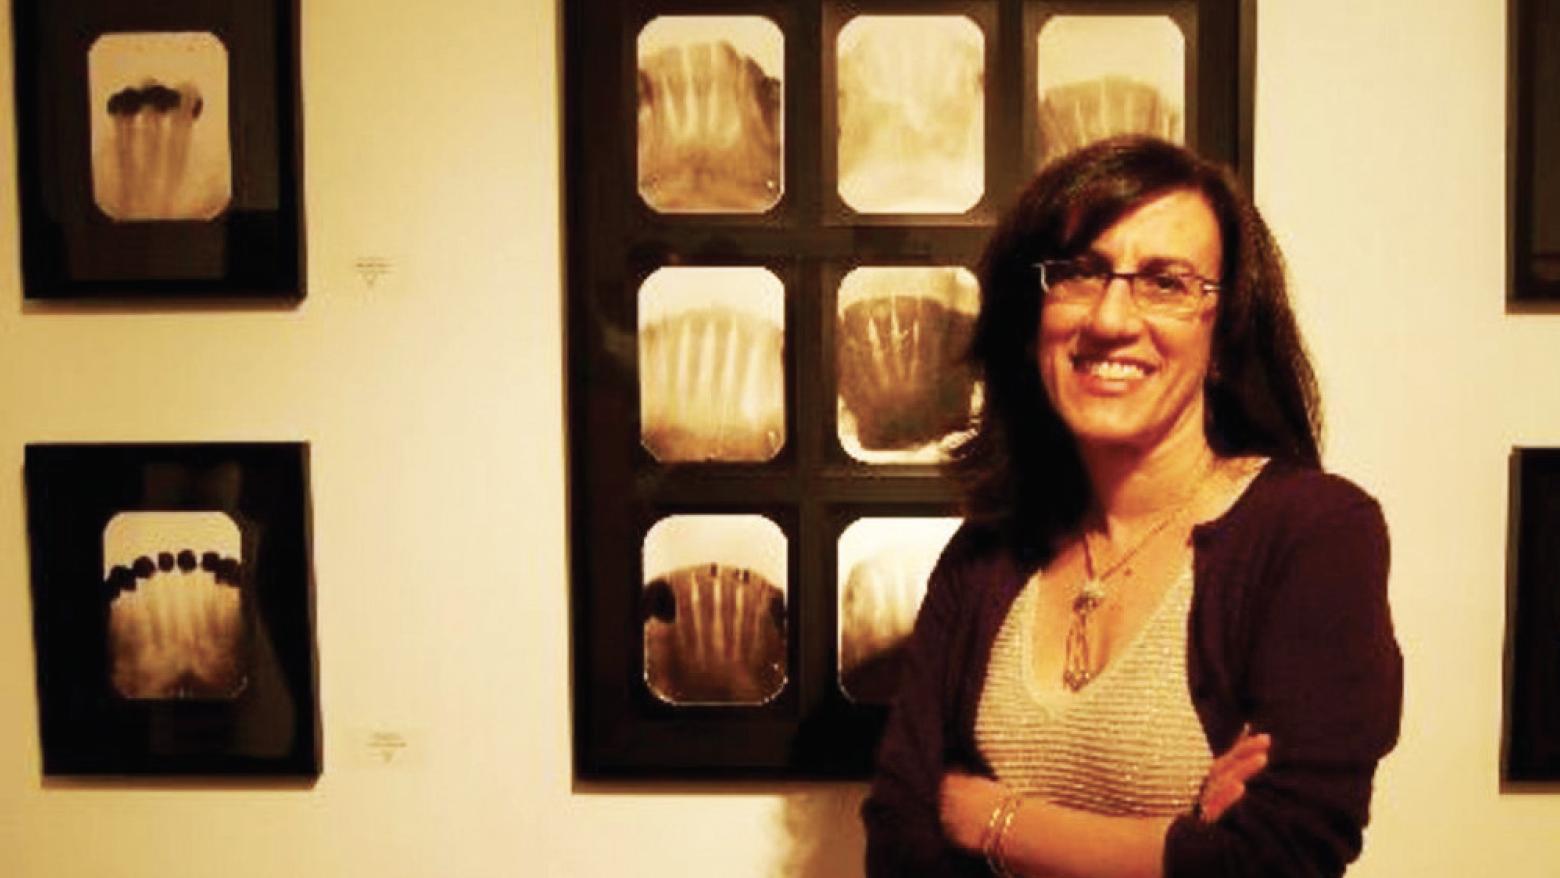 Exposición Interactiva el Arte de los Inmigrantes de la Artista Muriel Hasbún